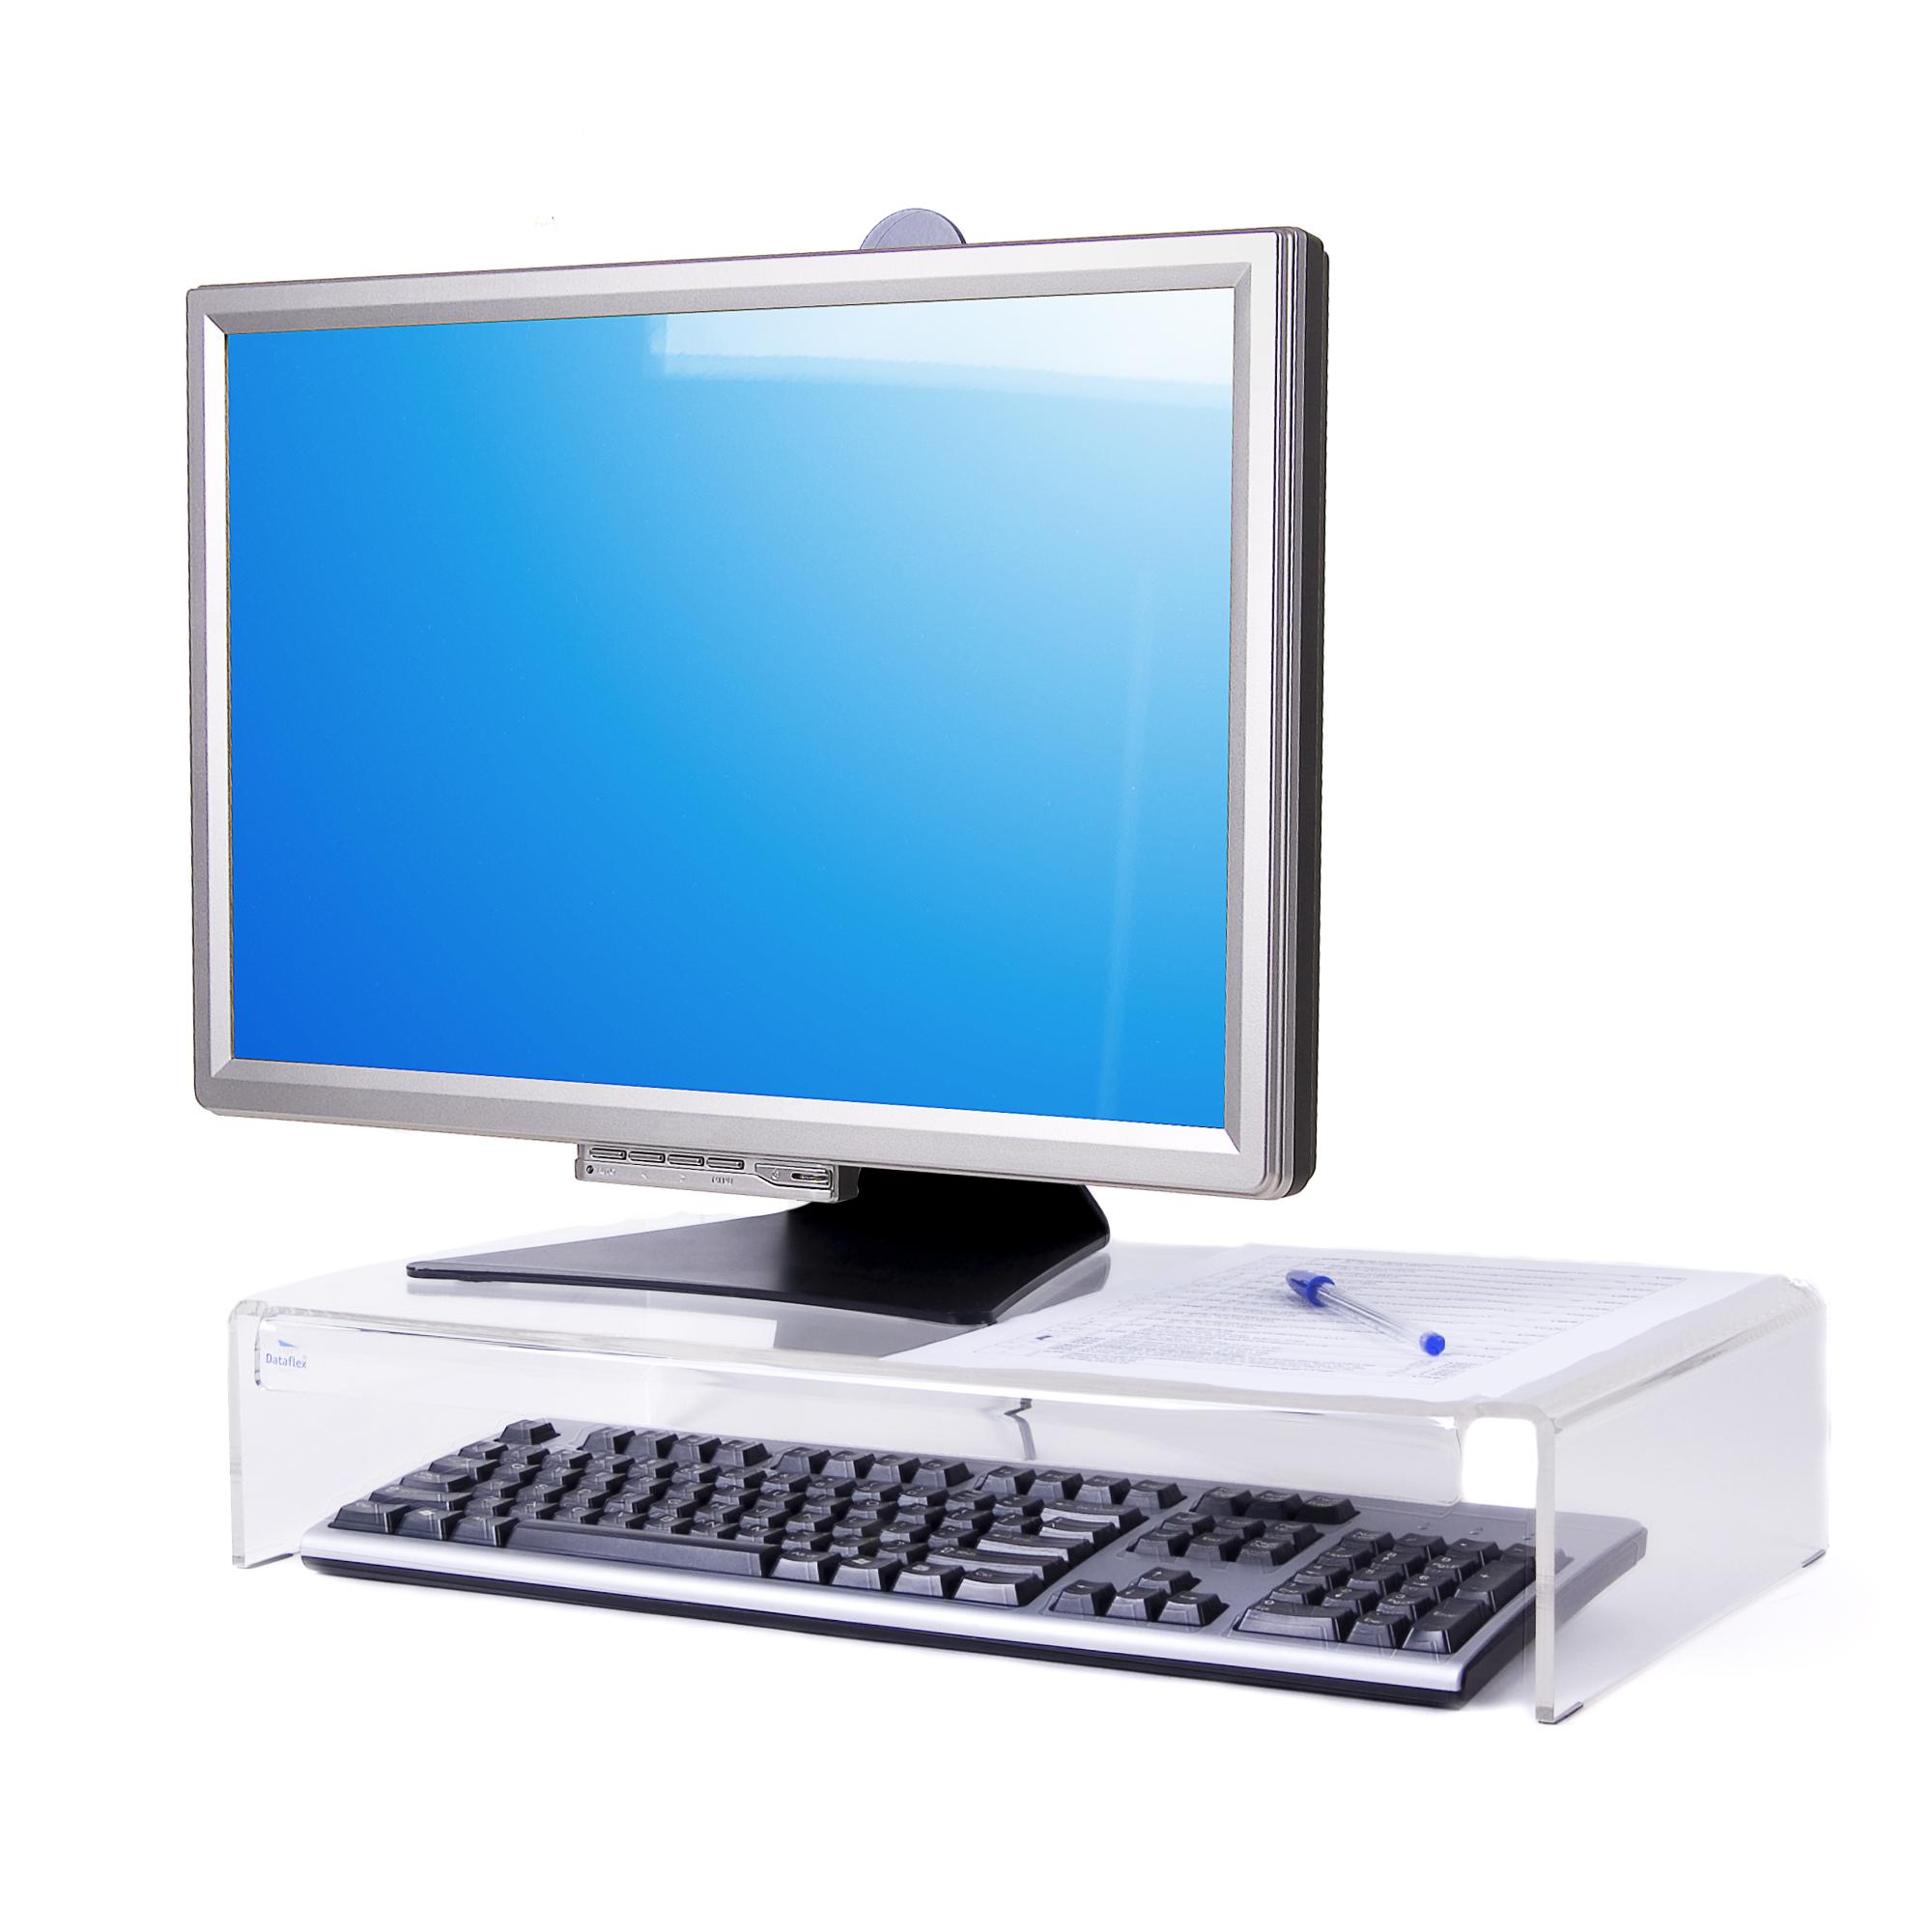 Dataflex Addit monitorverhoger 900